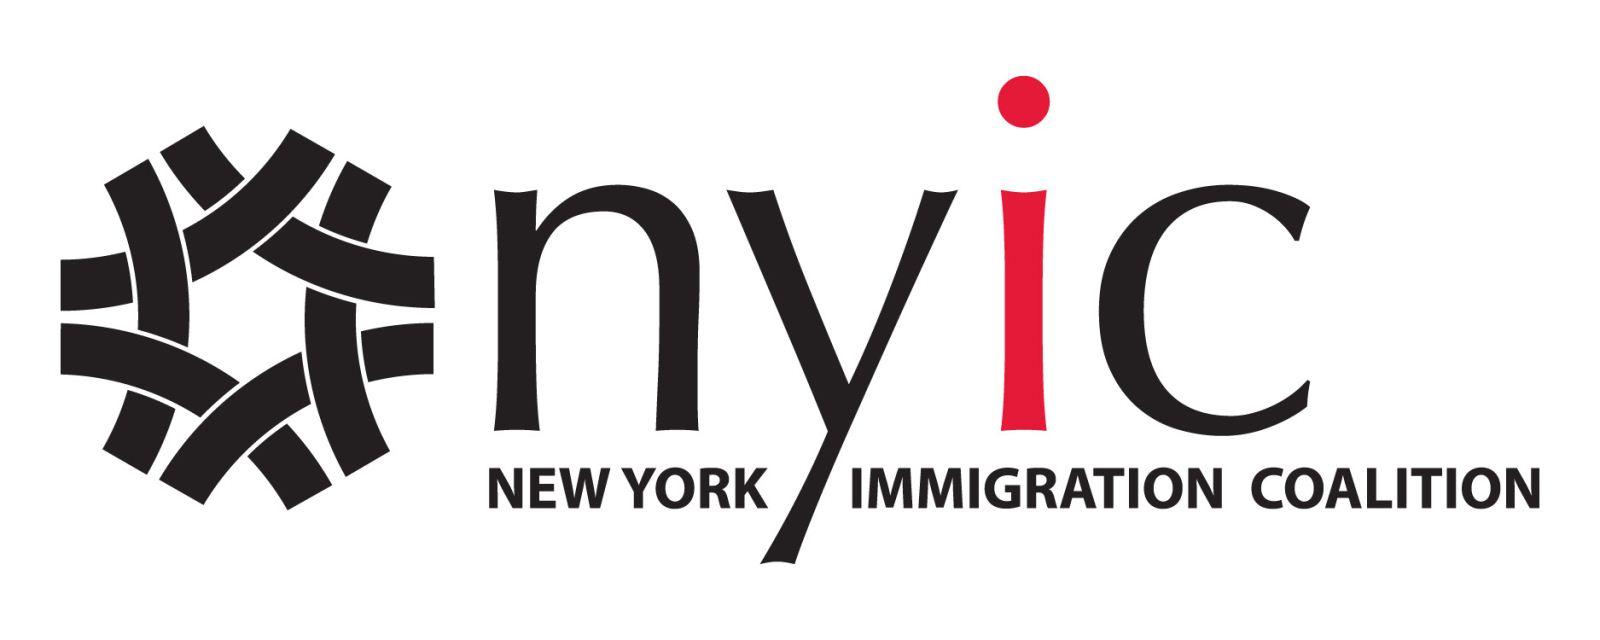 ny immigrant coalition.jpg